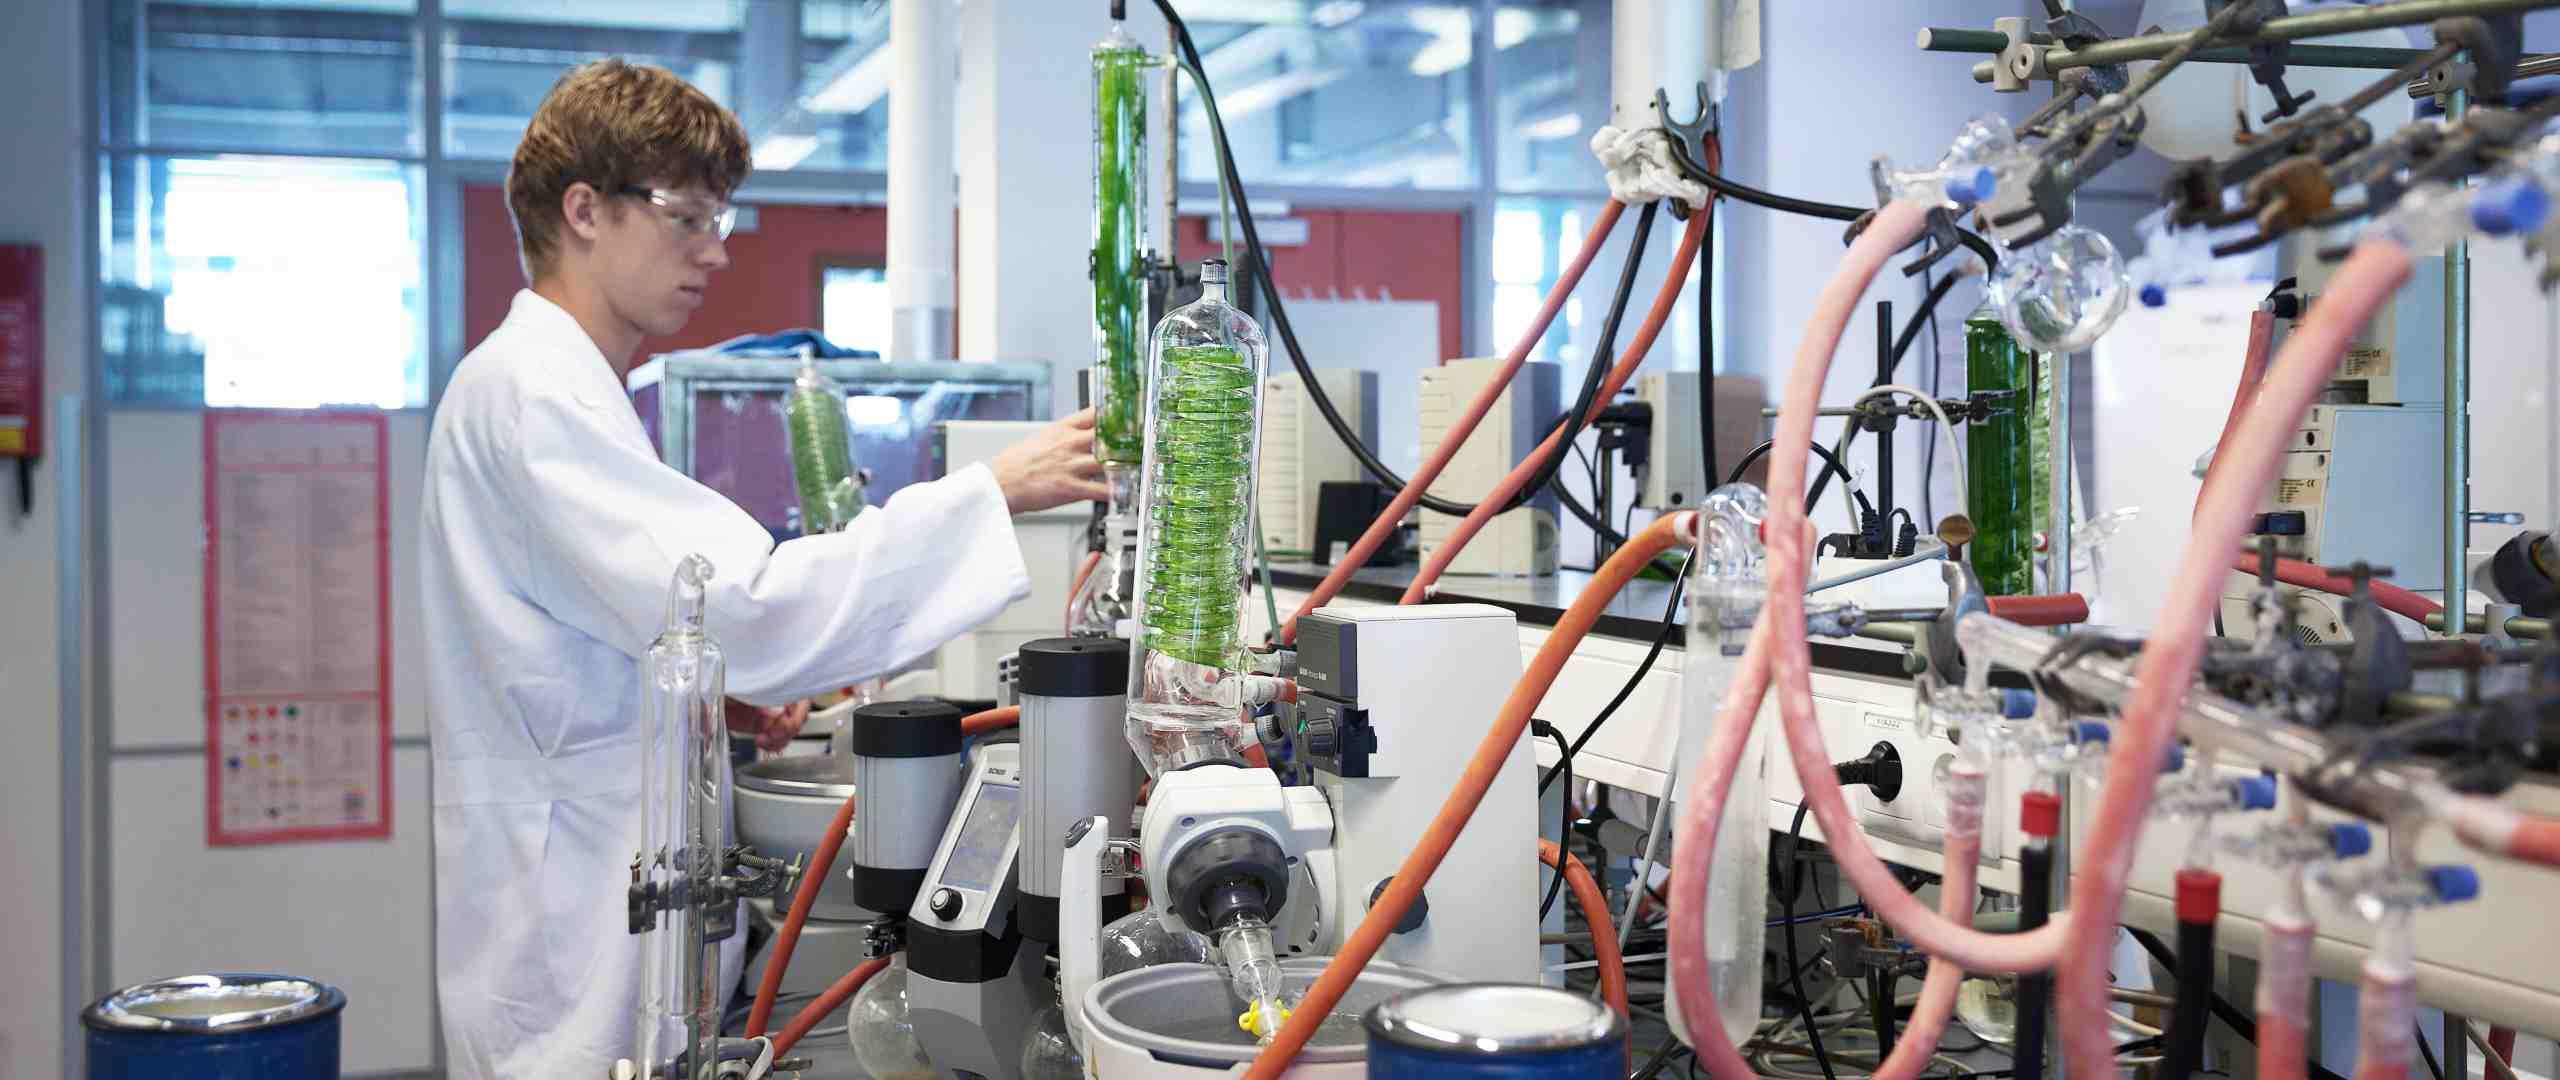 consultant chemie